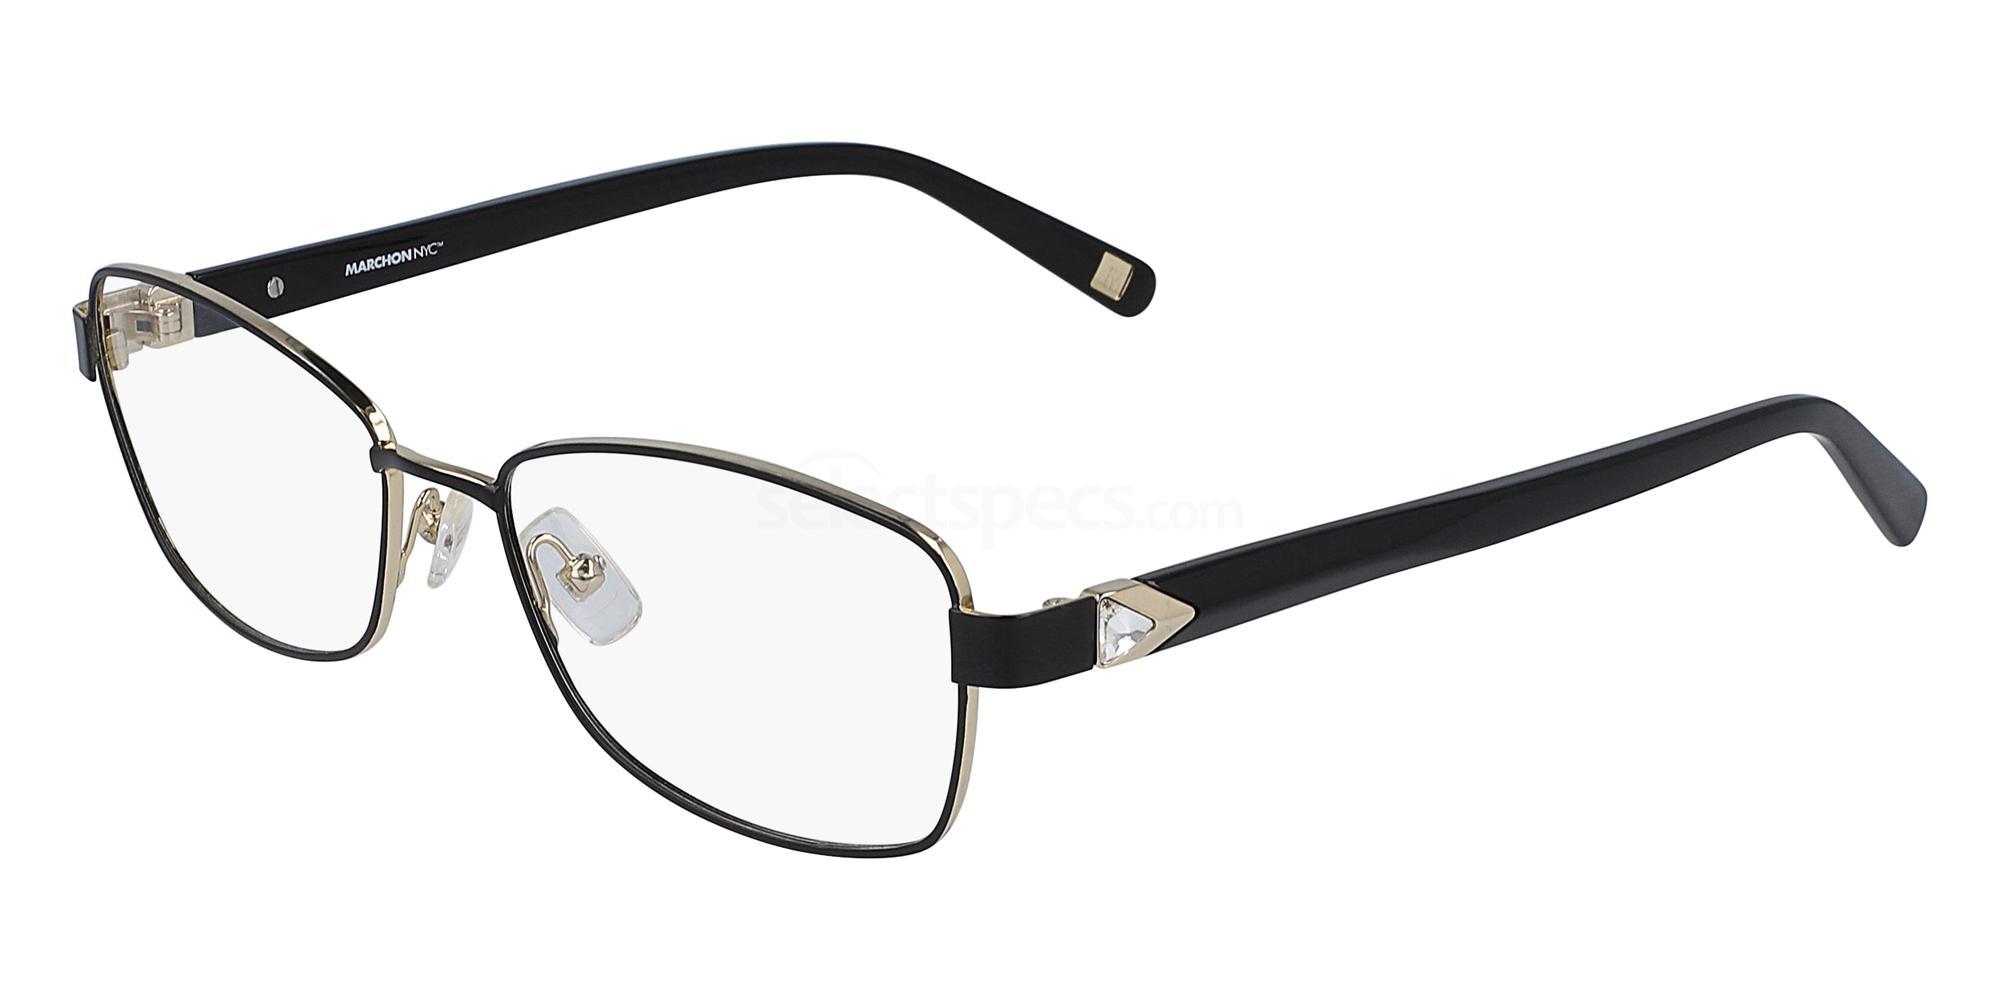 001 M-4003 Glasses, Marchon